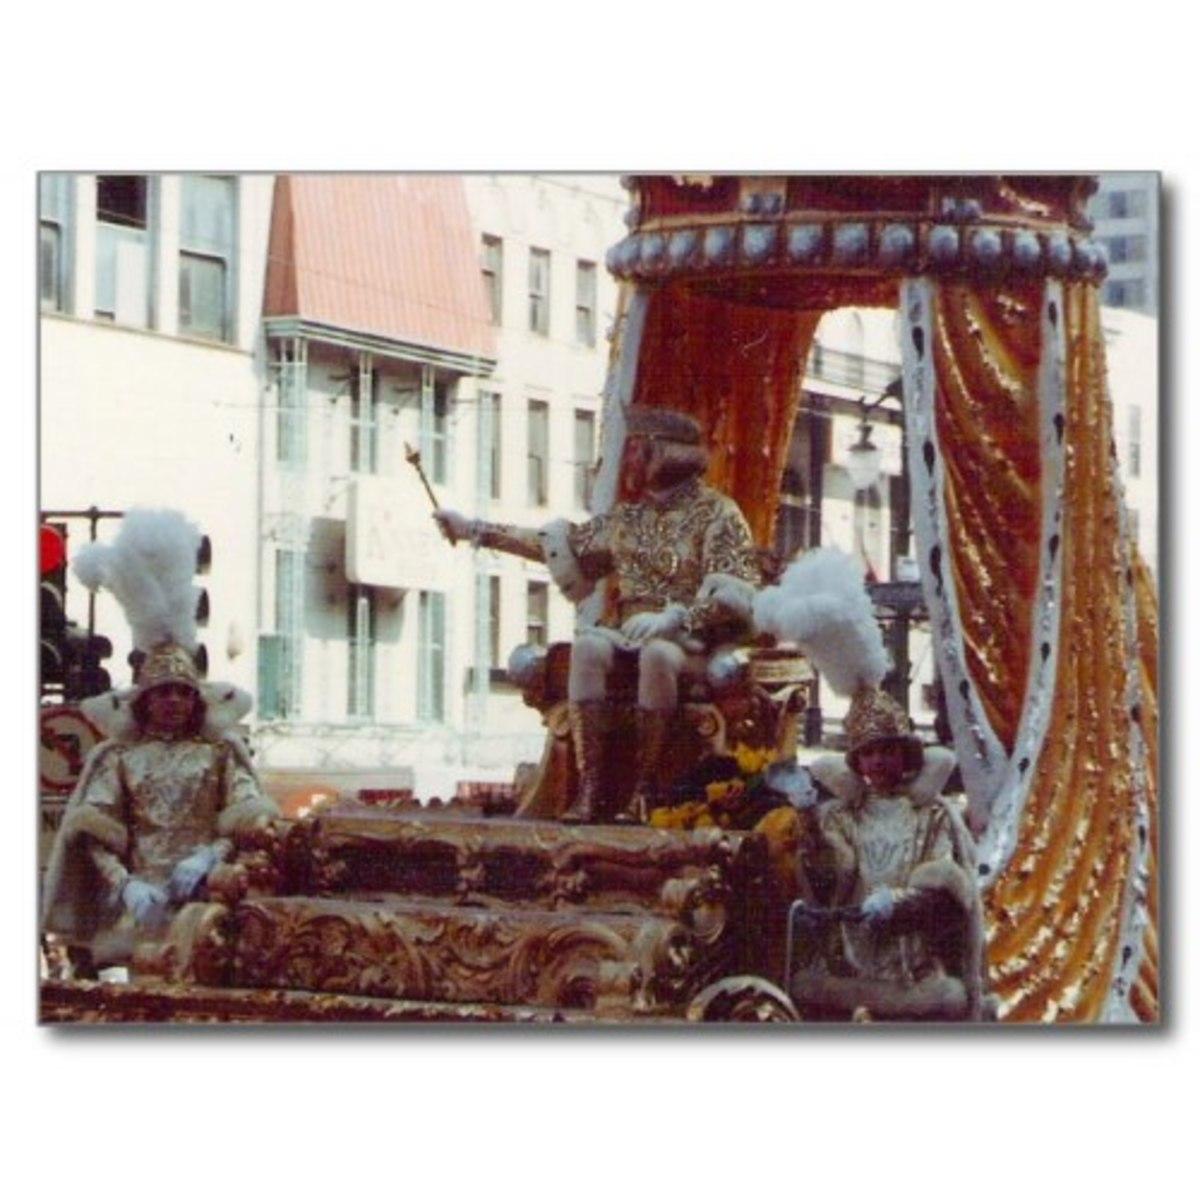 Rex King of Mardi Gras 1983